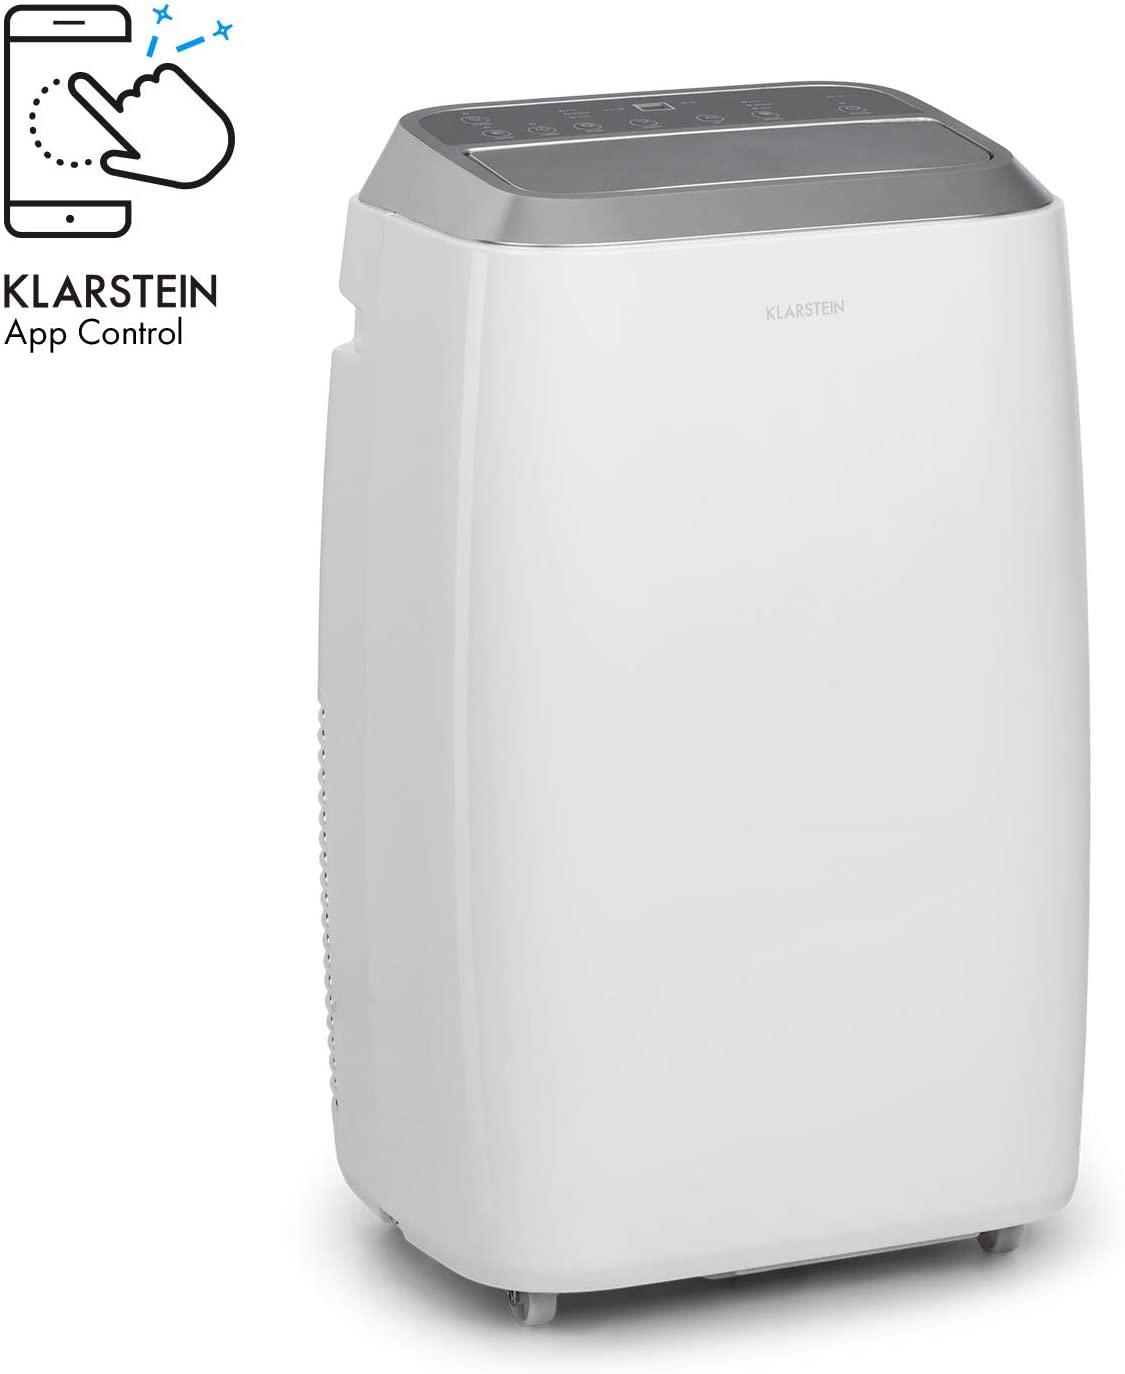 aire acondicionado klarstein